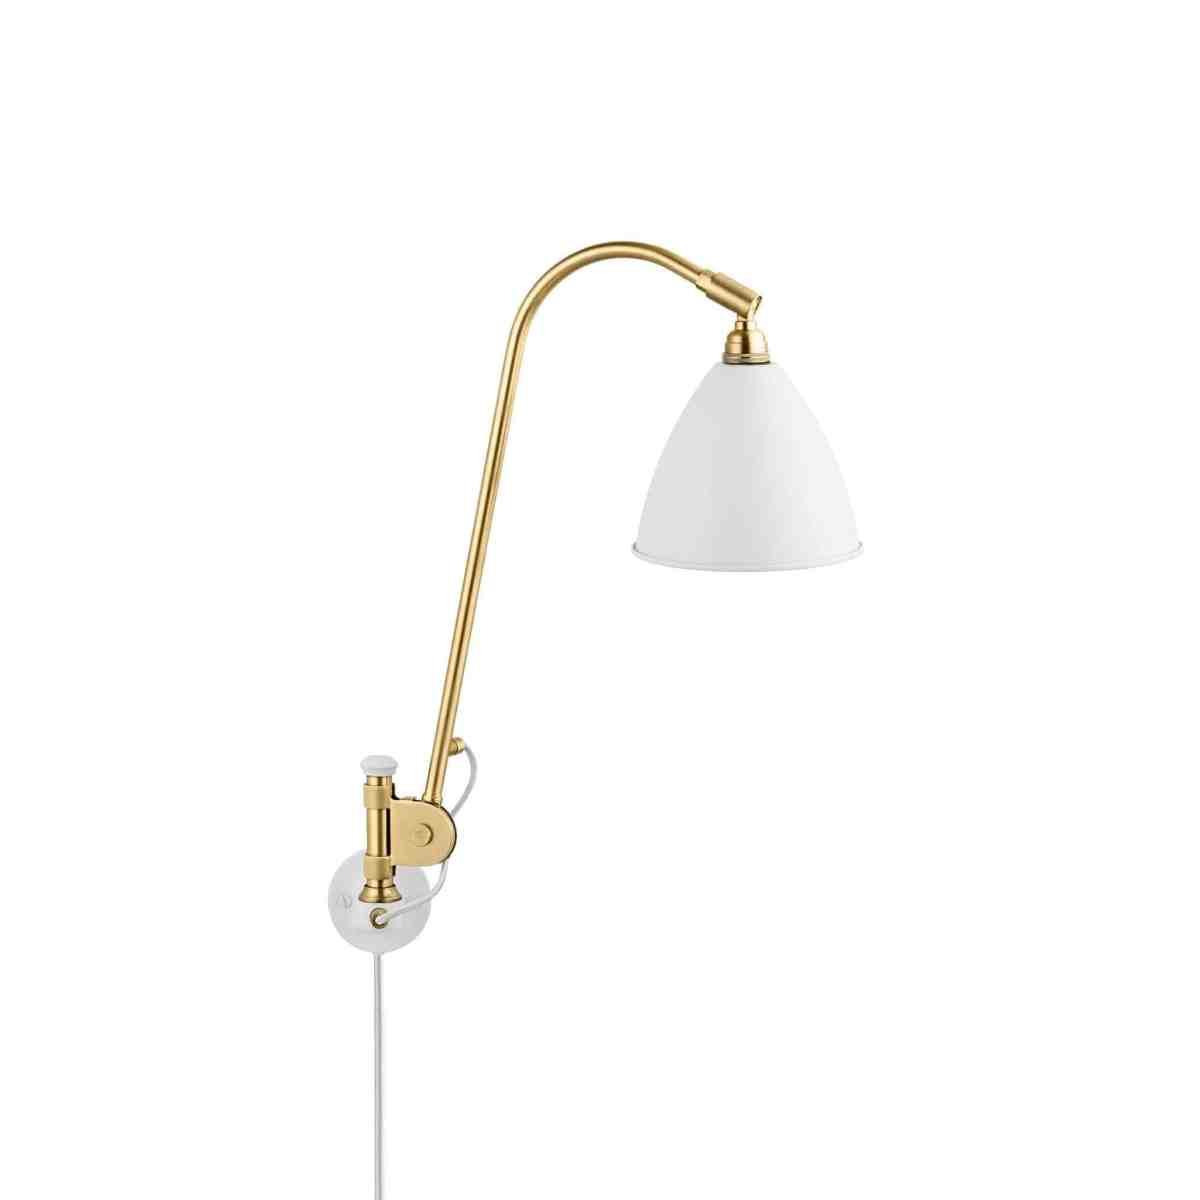 gubi-bestlite-wall-lamp-BL6-matt-white-brass-01